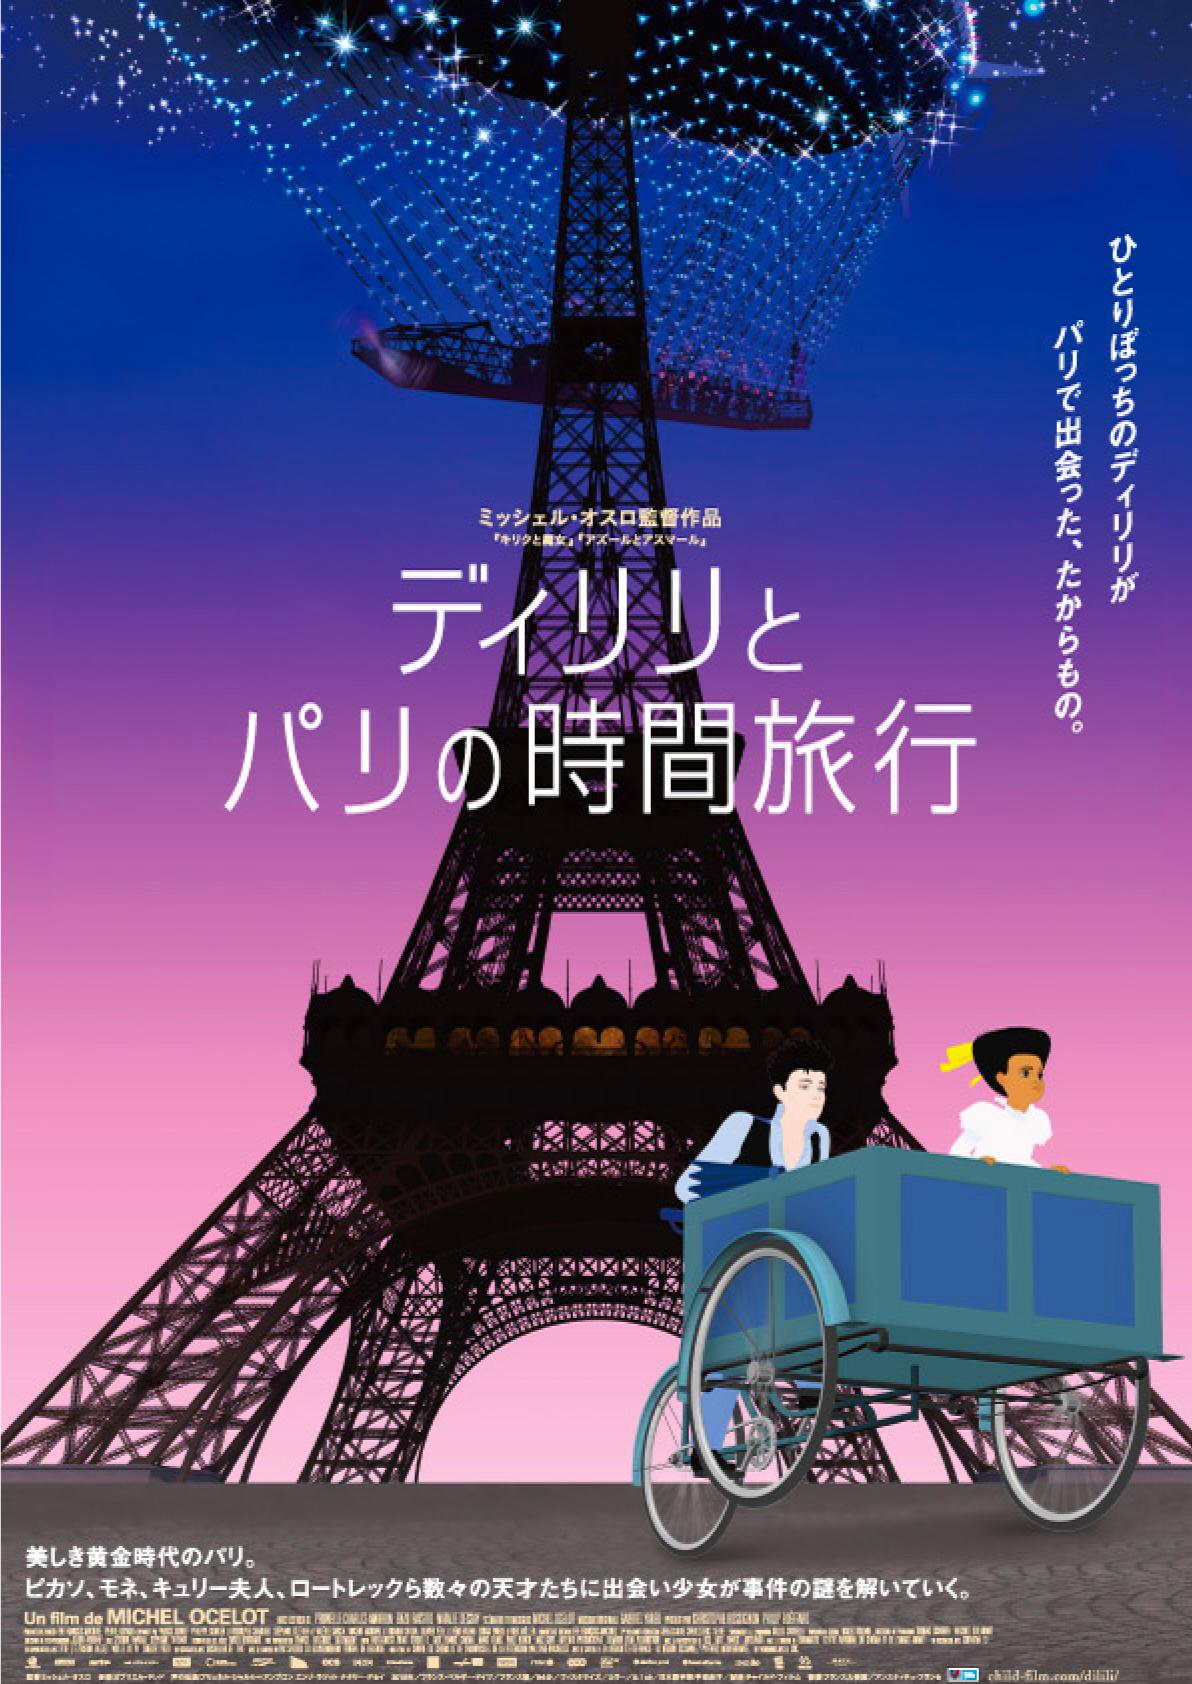 ディリリとパリの時間旅行チラシ1